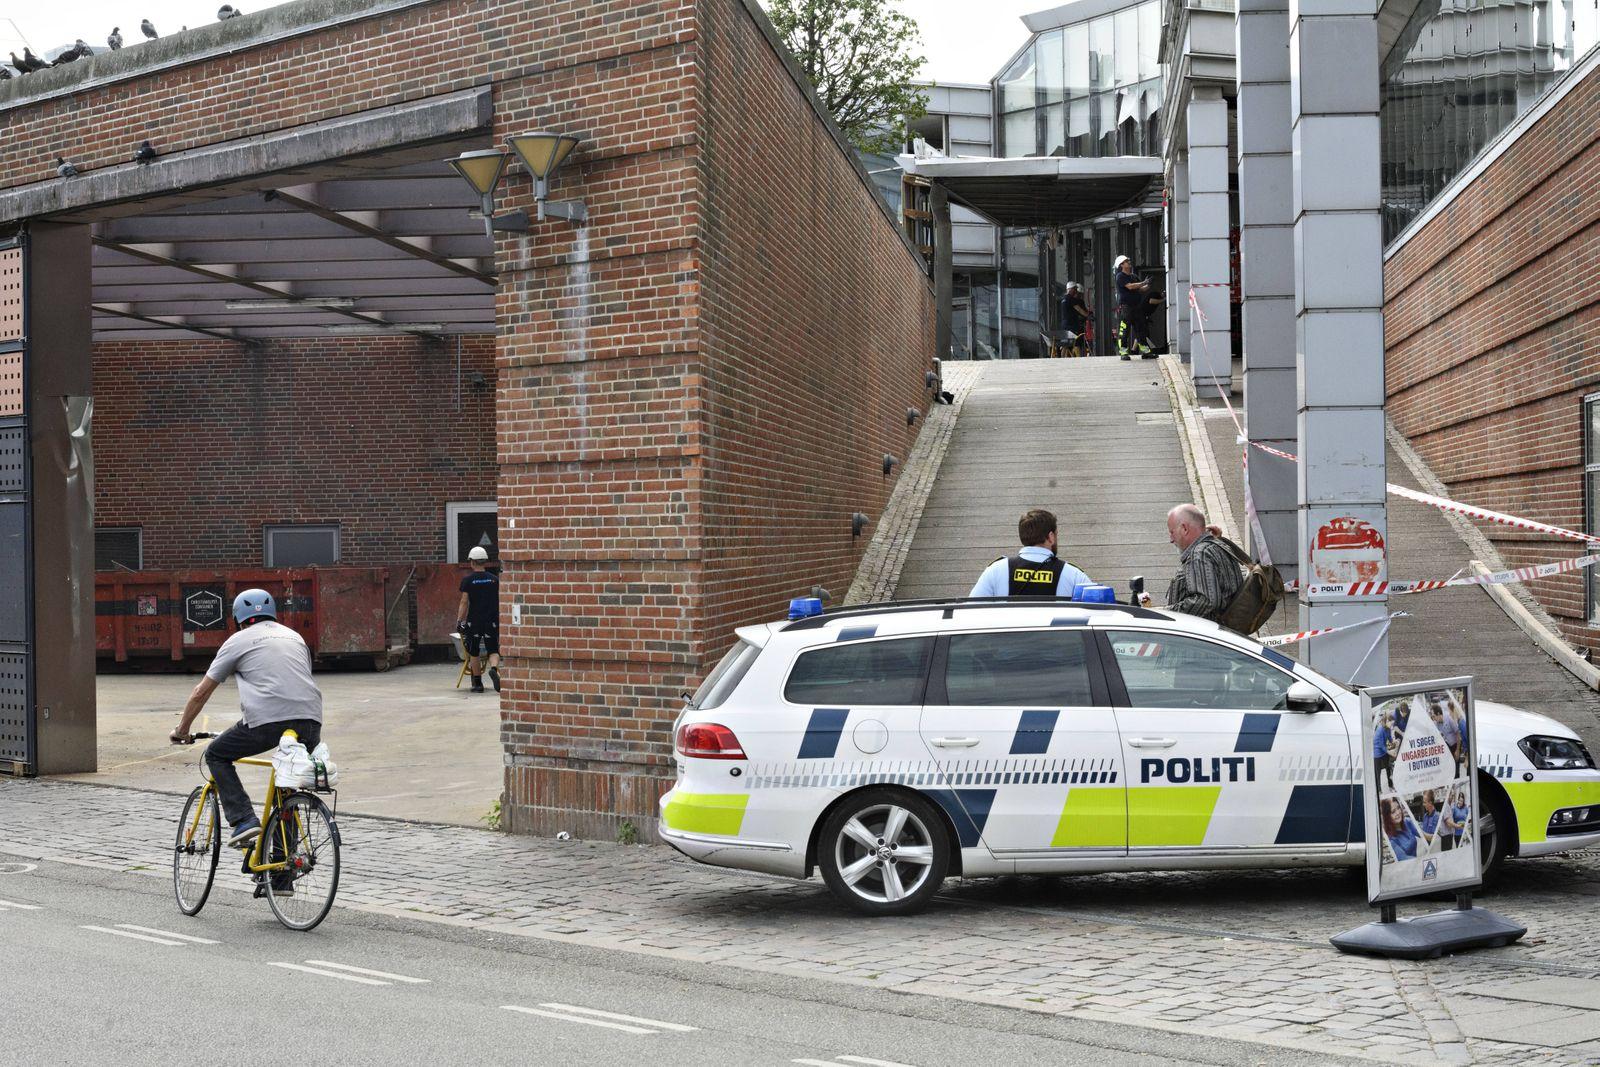 Oprydningsarbejdet efter eksplosion ved Skattestyrelsen i Koebenhavn onsdag den 7 august 2019 Fot